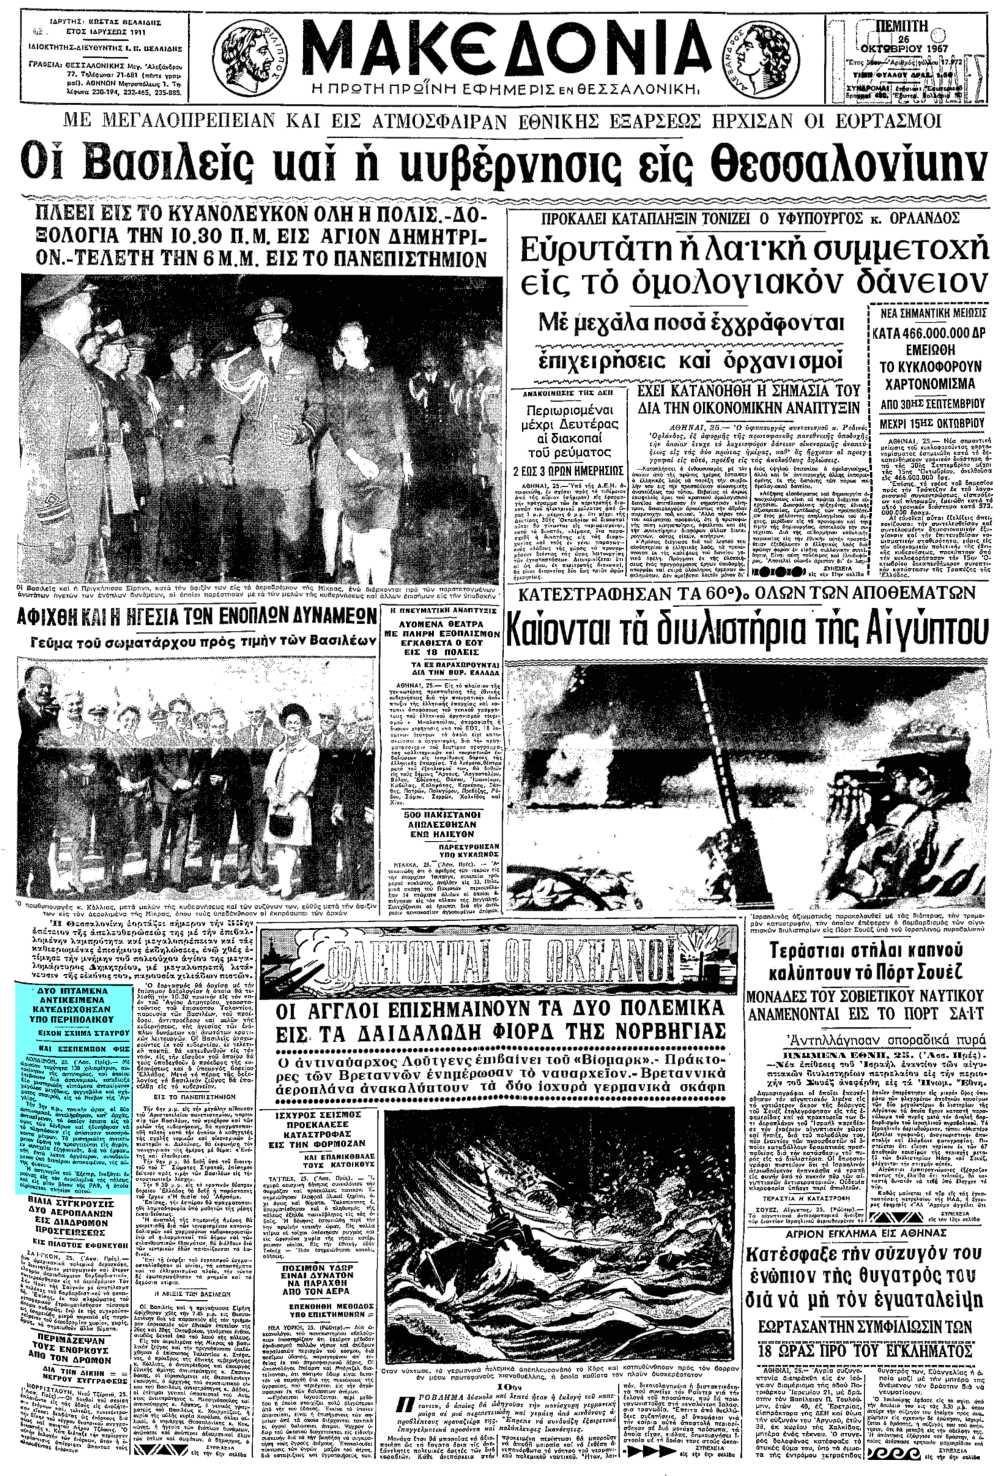 """Το άρθρο, όπως δημοσιεύθηκε στην εφημερίδα """"ΜΑΚΕΔΟΝΙΑ"""", στις 26/10/1967"""